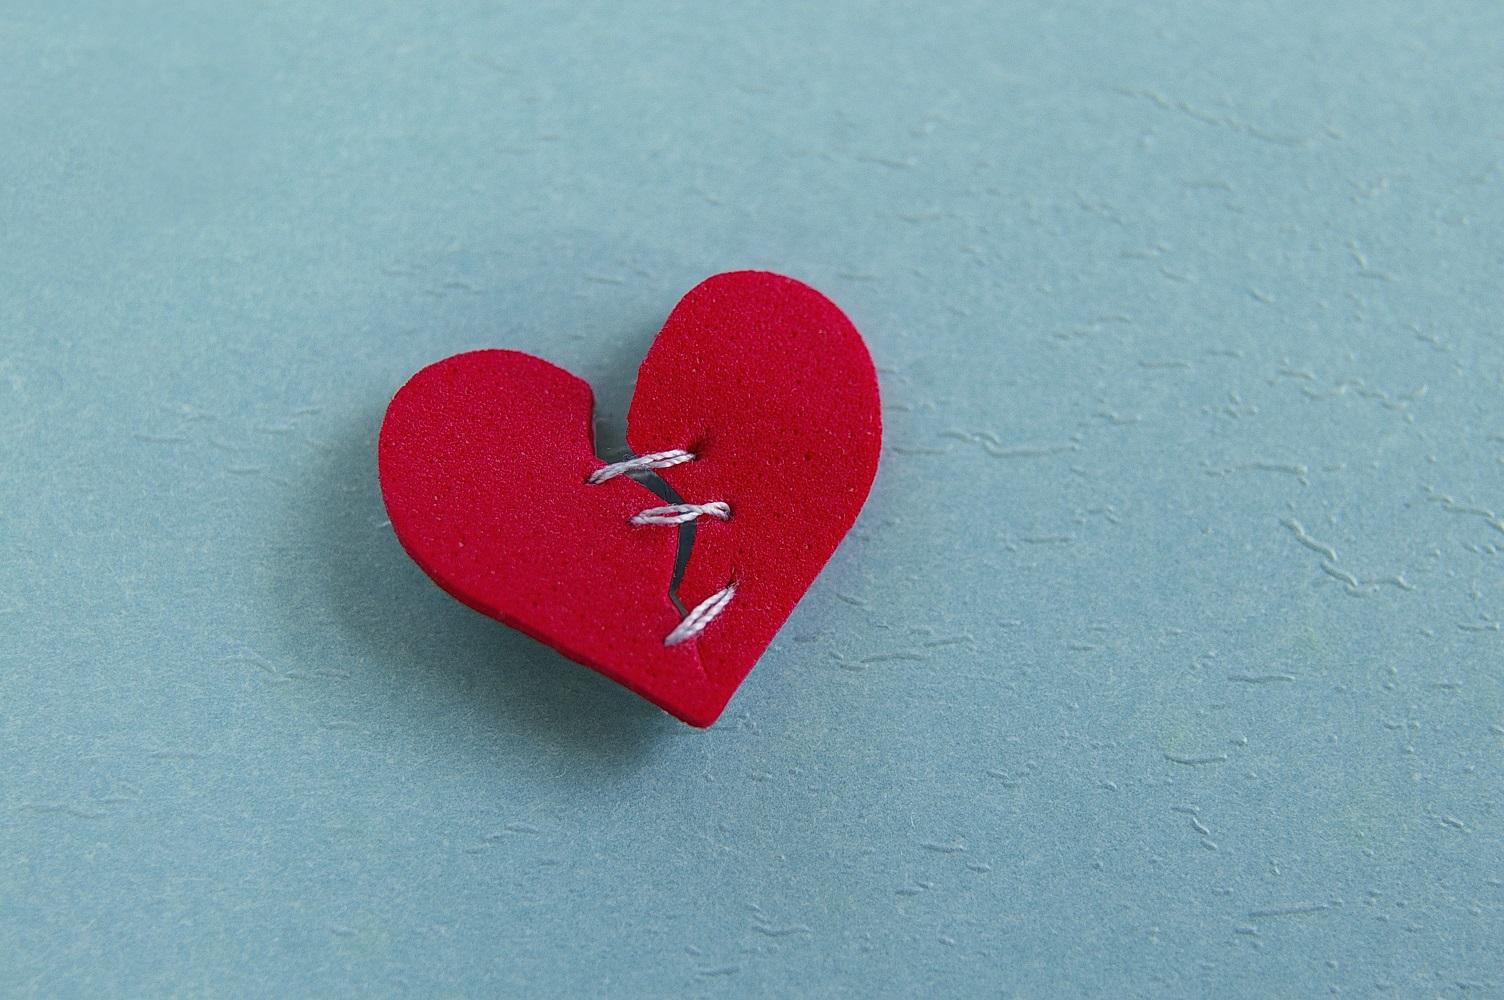 Guide de survie après une rupture amoureuse